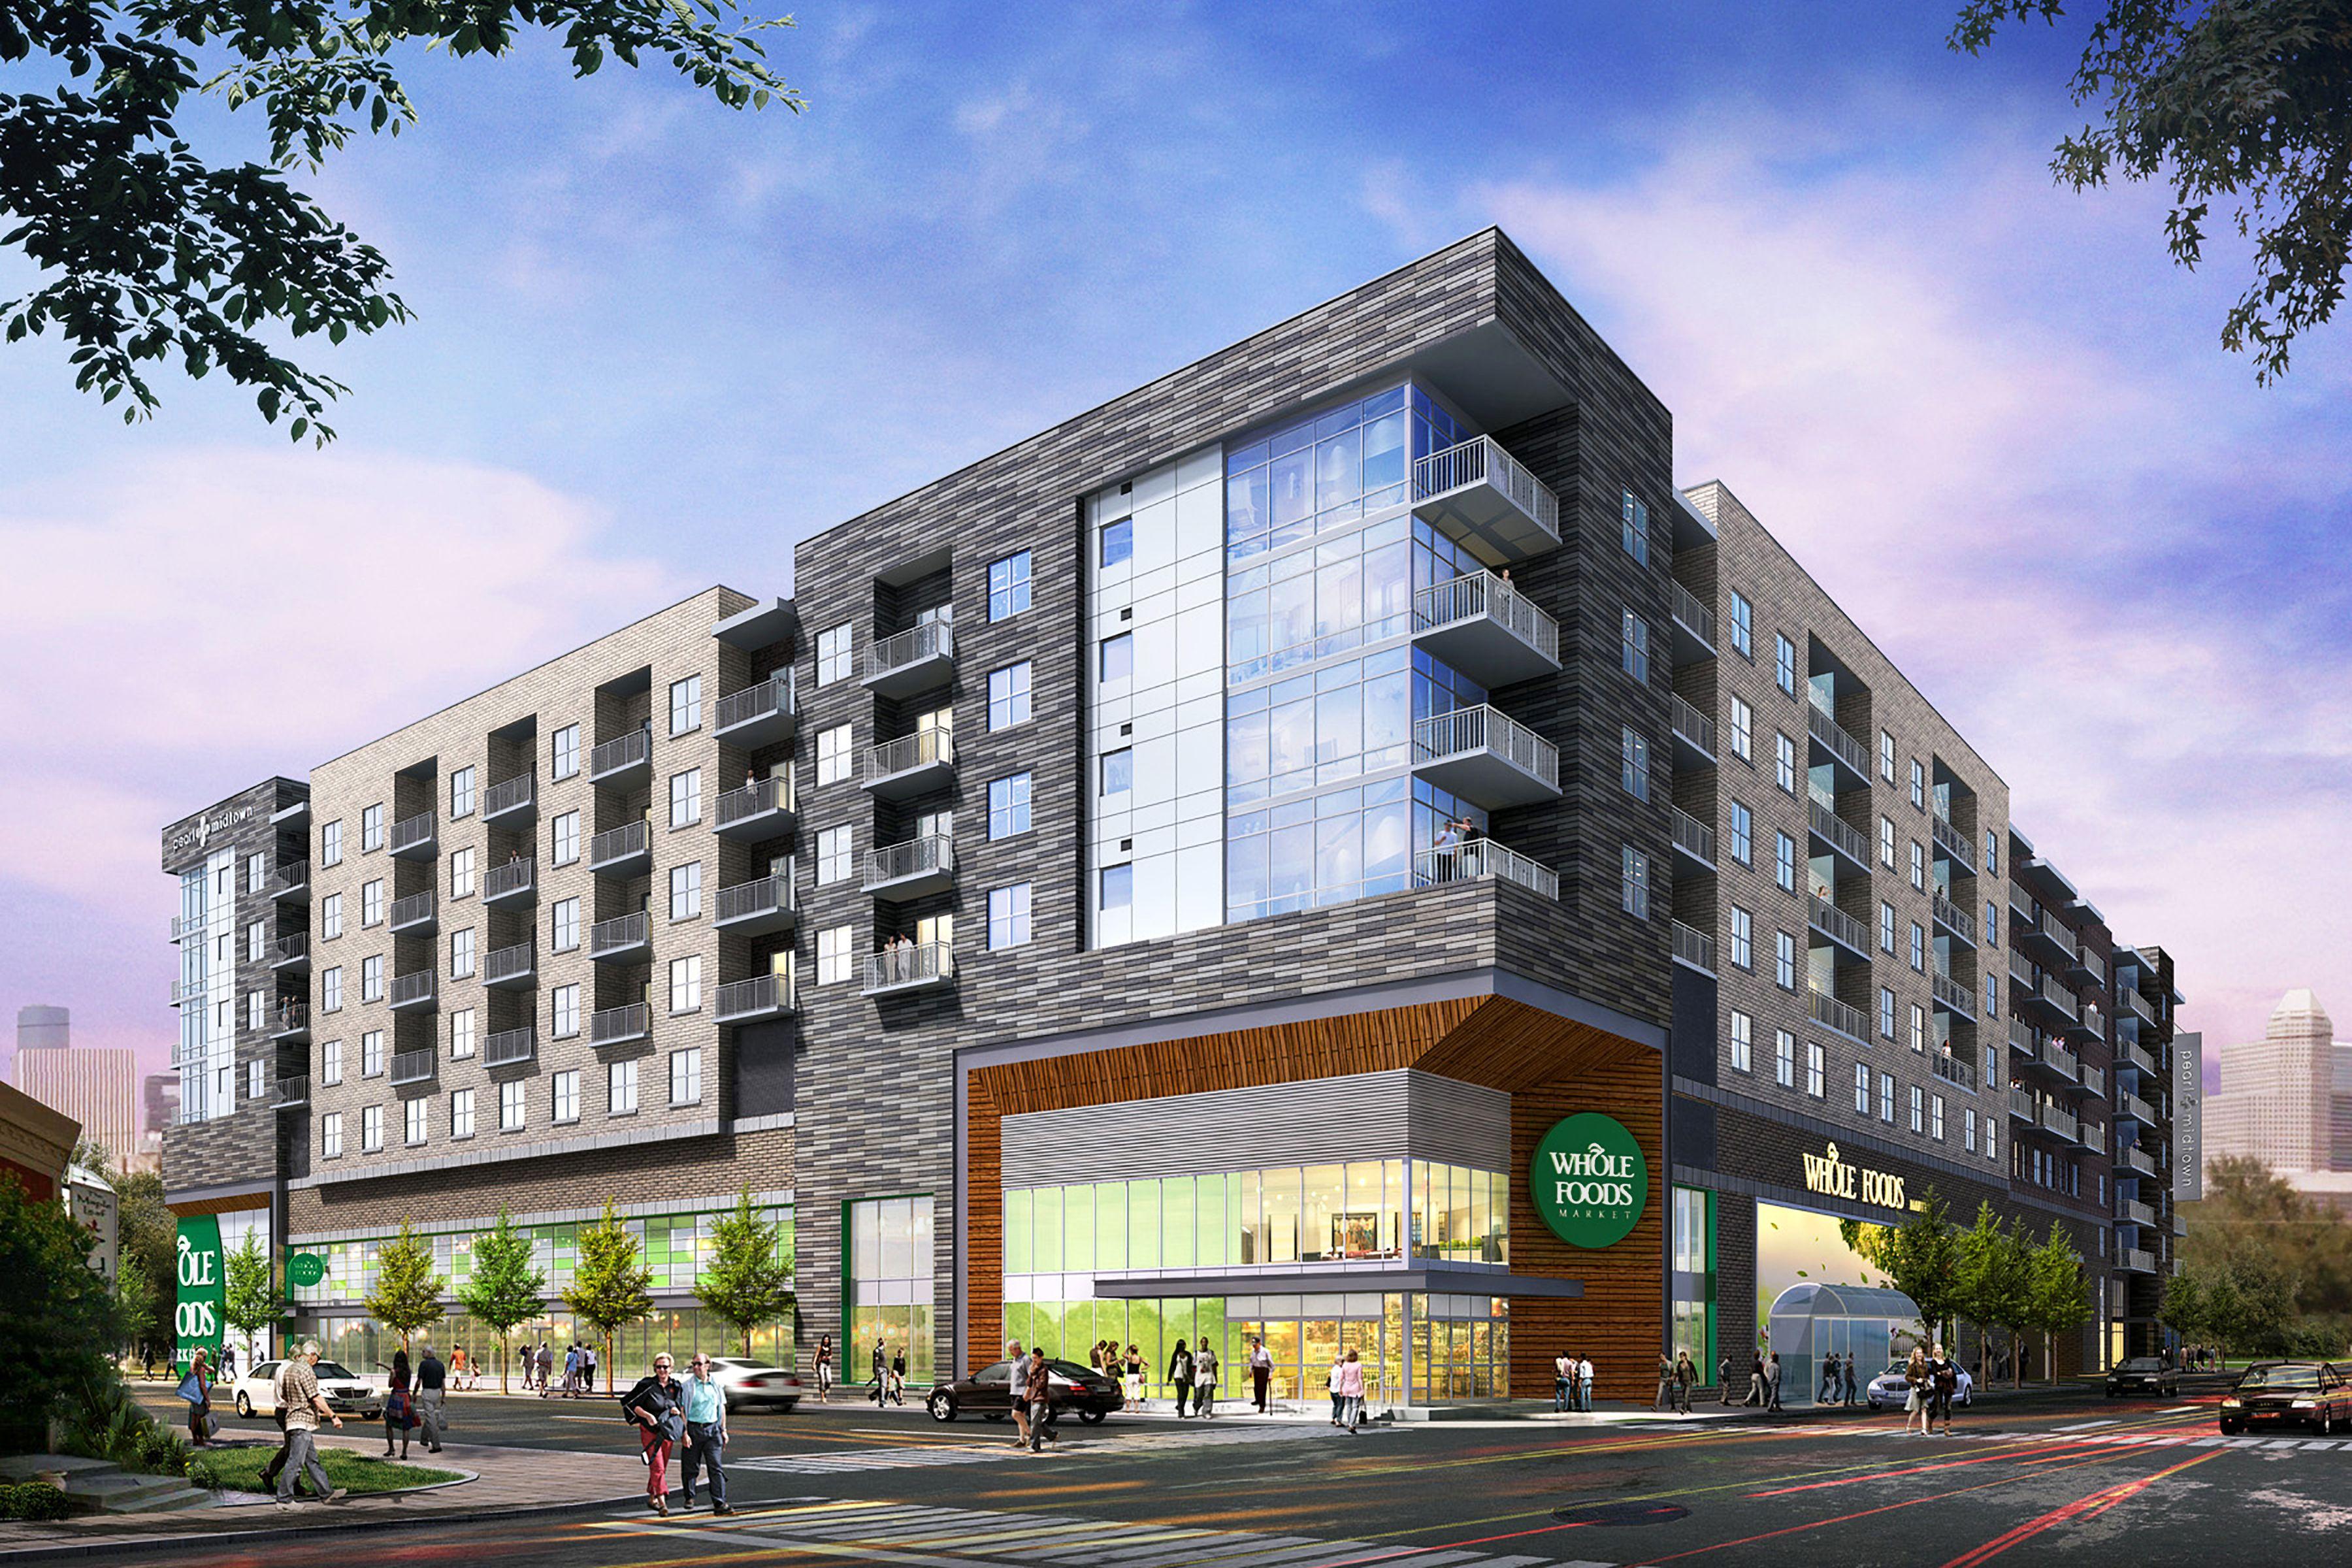 Smith Street Houston, Texas architecture design